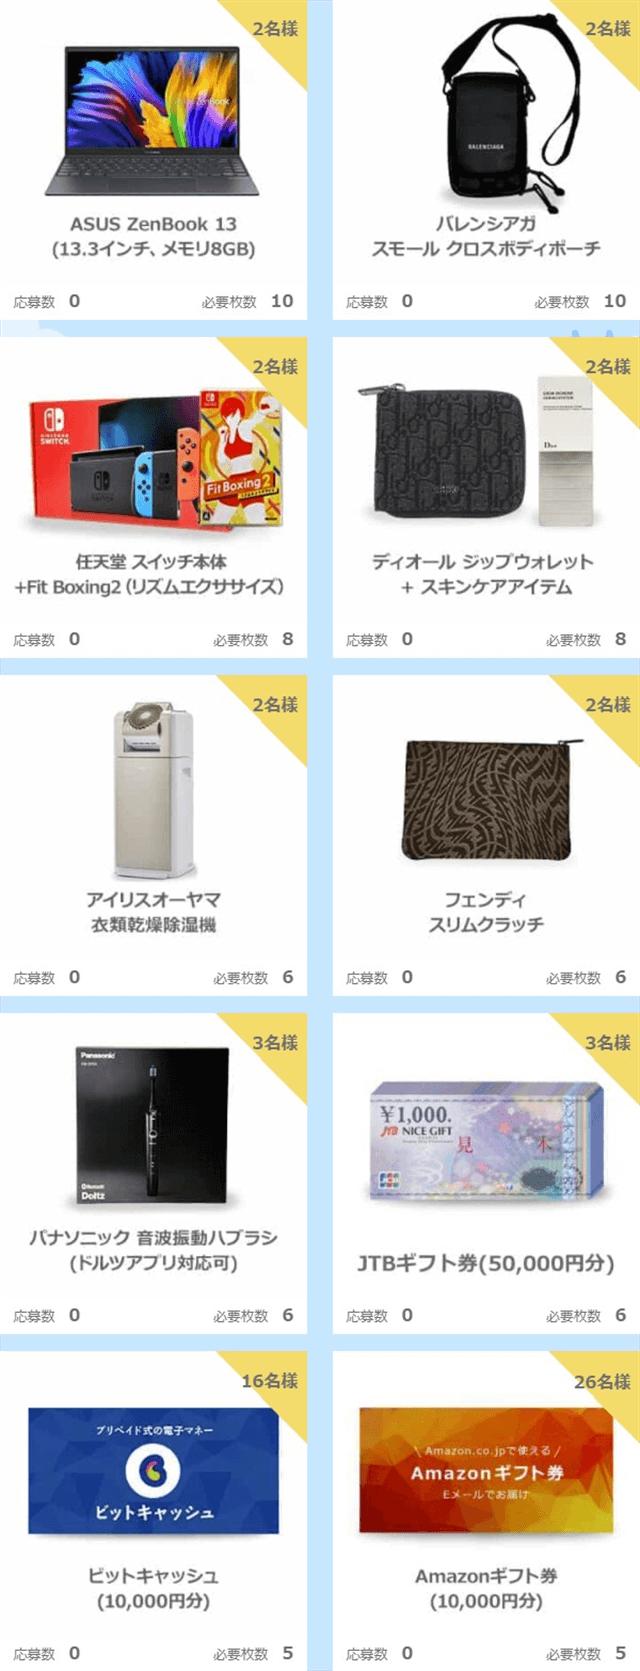 ハッピーメールサマーキャンペーン2021ウィクリー抽選第3週賞品